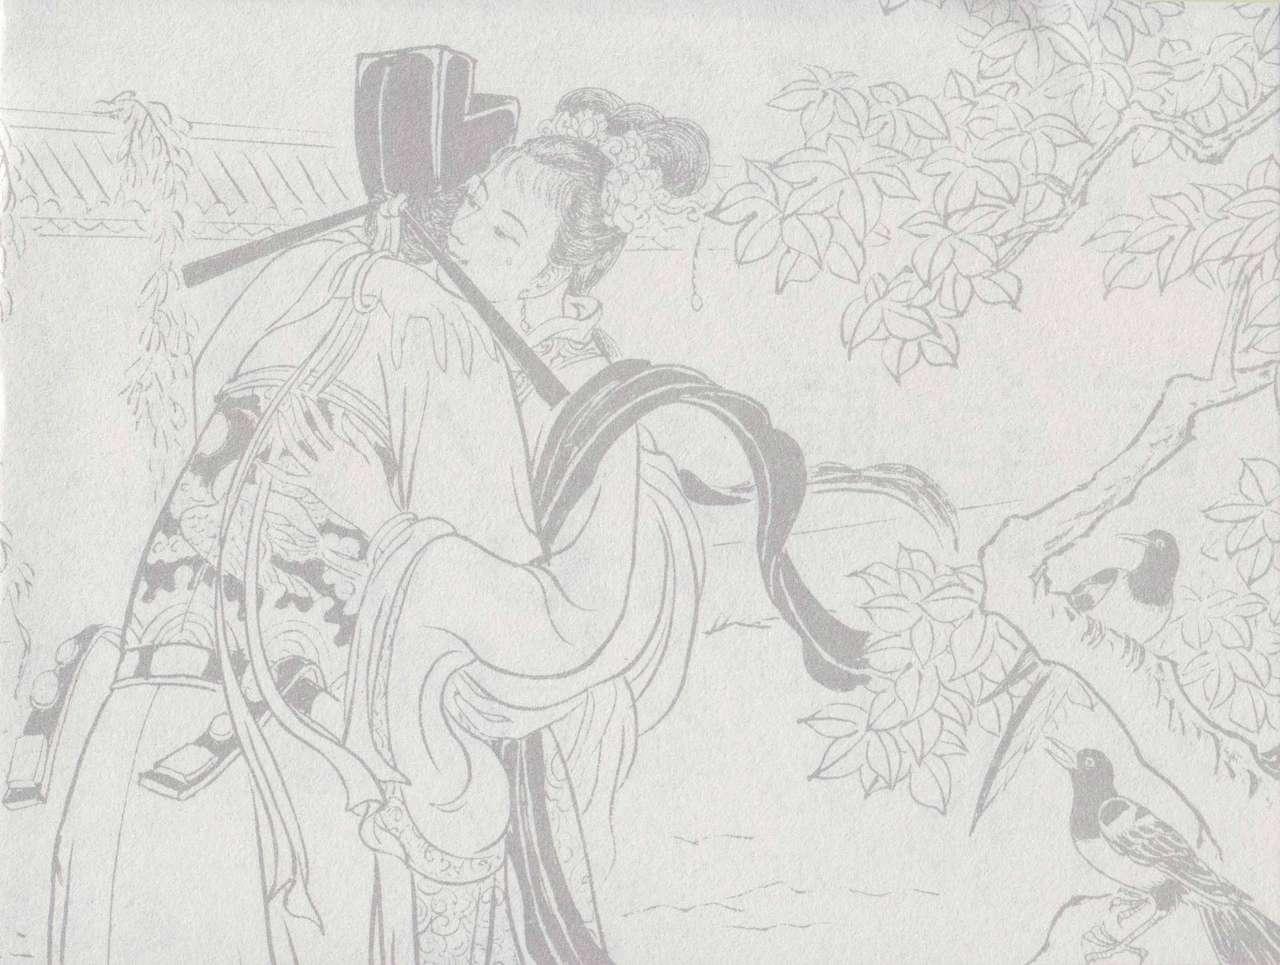 史上名妓 如夫人-甄金莲(臧武斌 2013年4月) 2